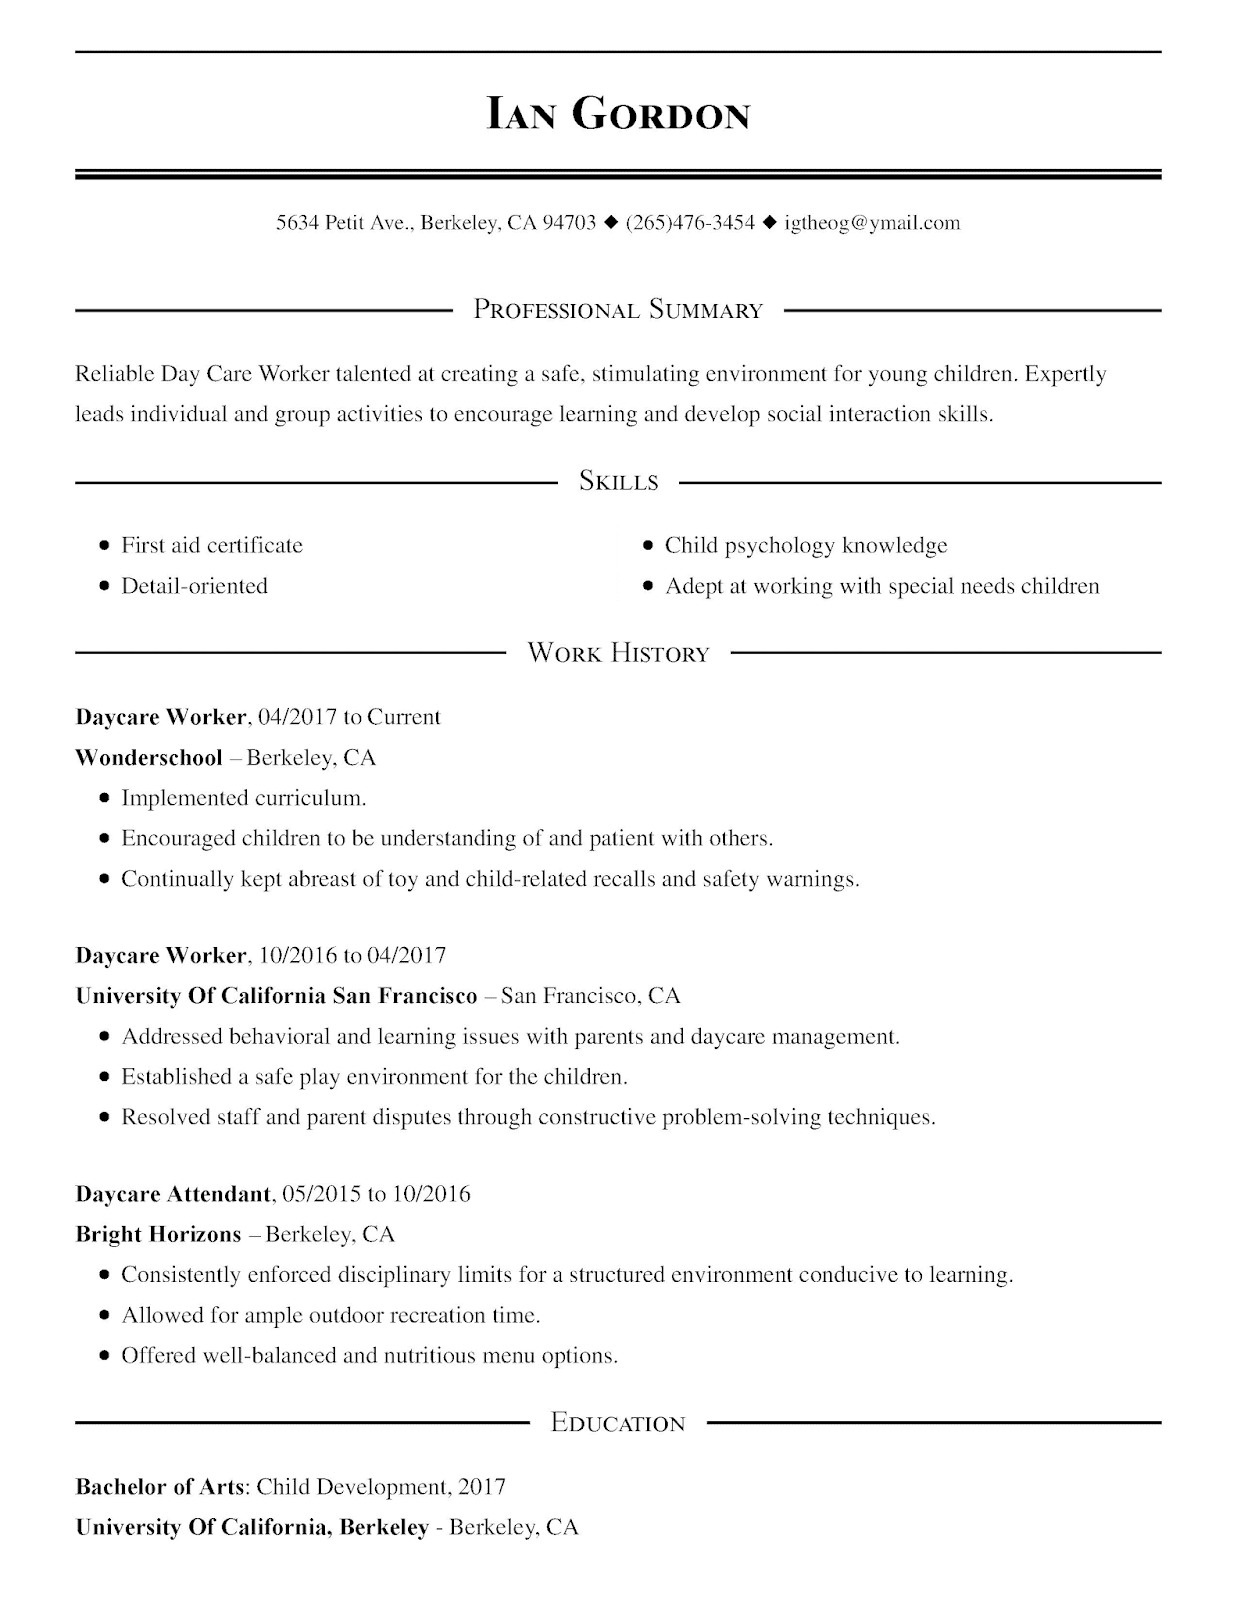 Caregiver Resume Samples Skills 2019 Caregiver Resume